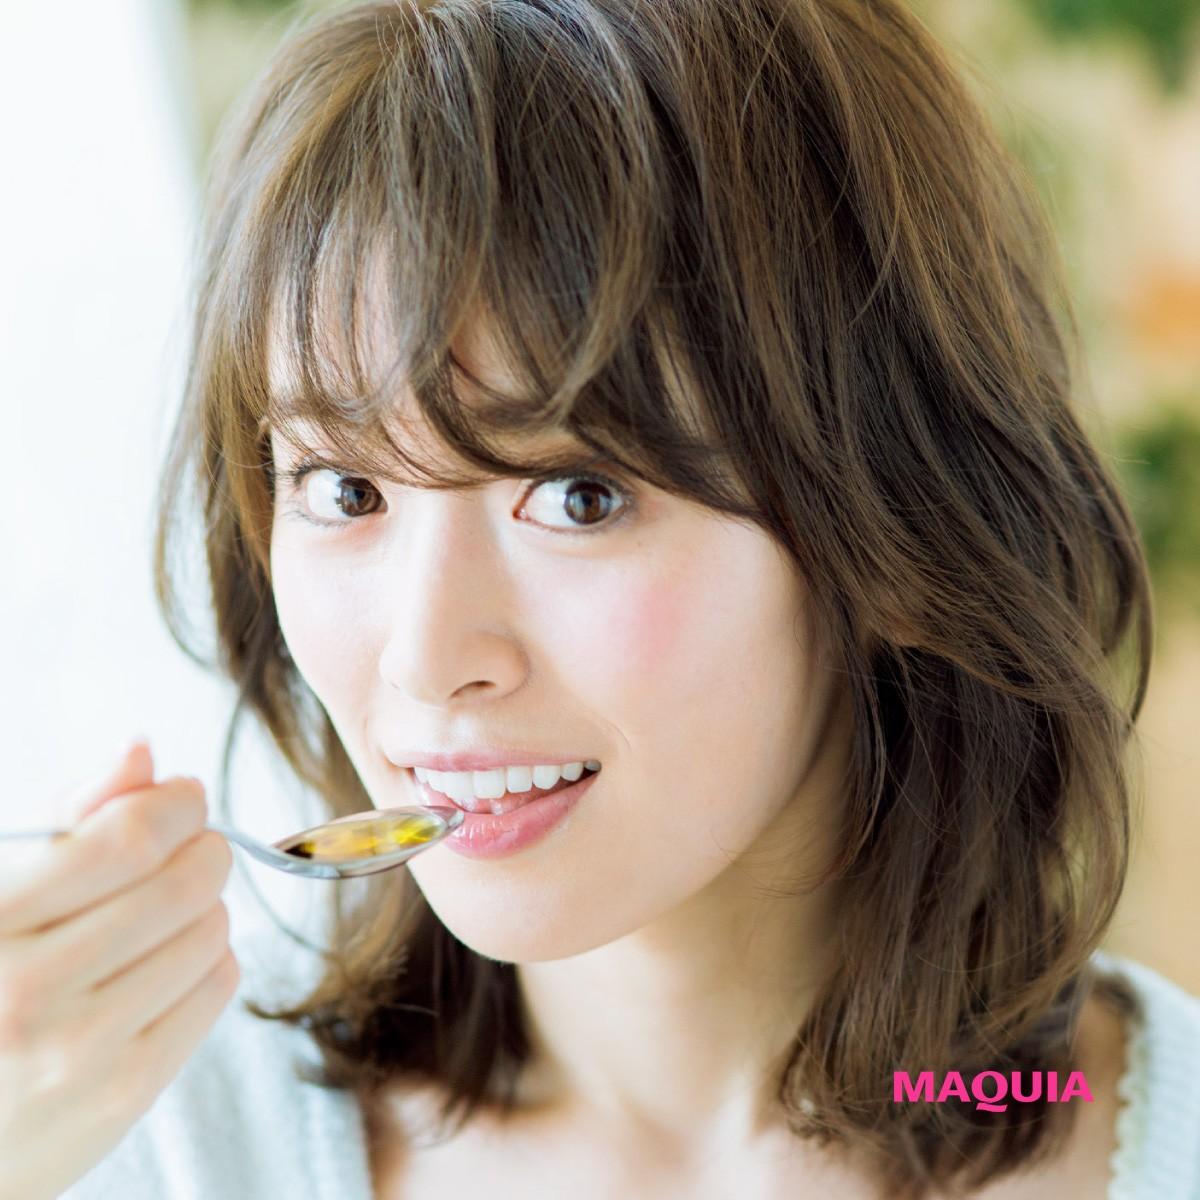 便秘外来の名医・小林弘幸式「朝だけ腸活」で、すっきり美腸を手に入れる!